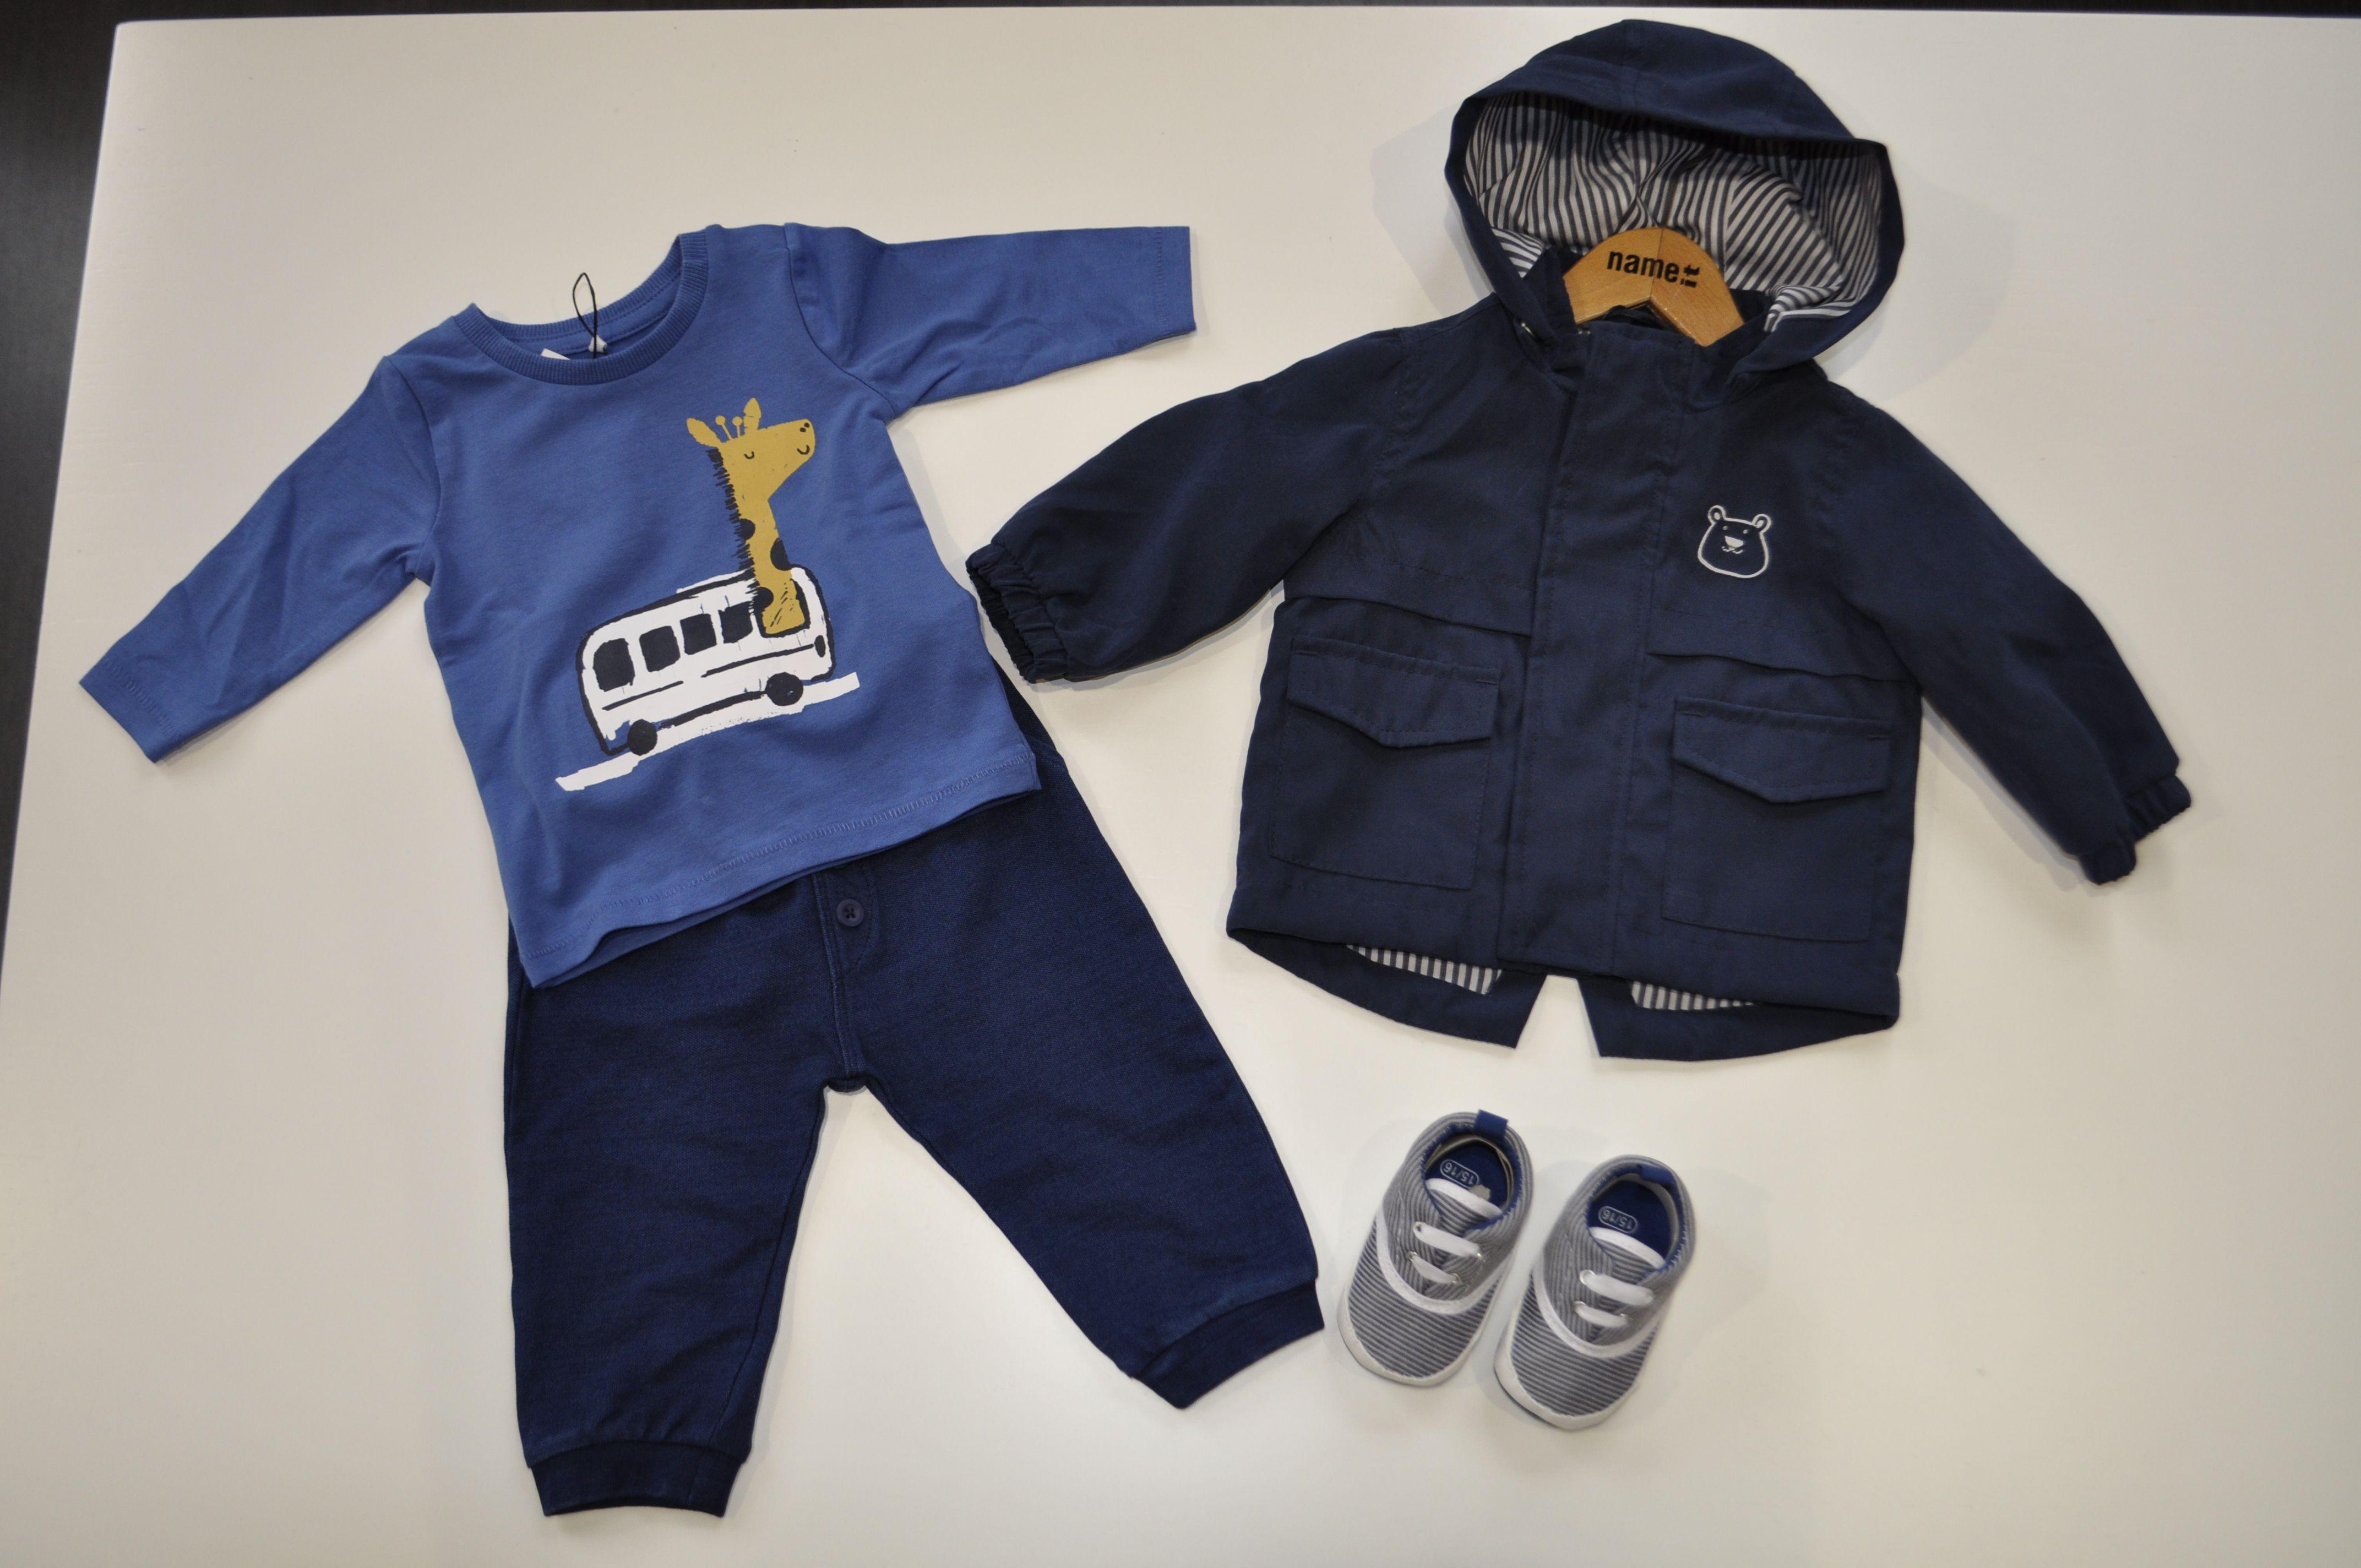 Ropa bebé niño de 1 a 18 mese: Ropa infantil y complementos de EXIT